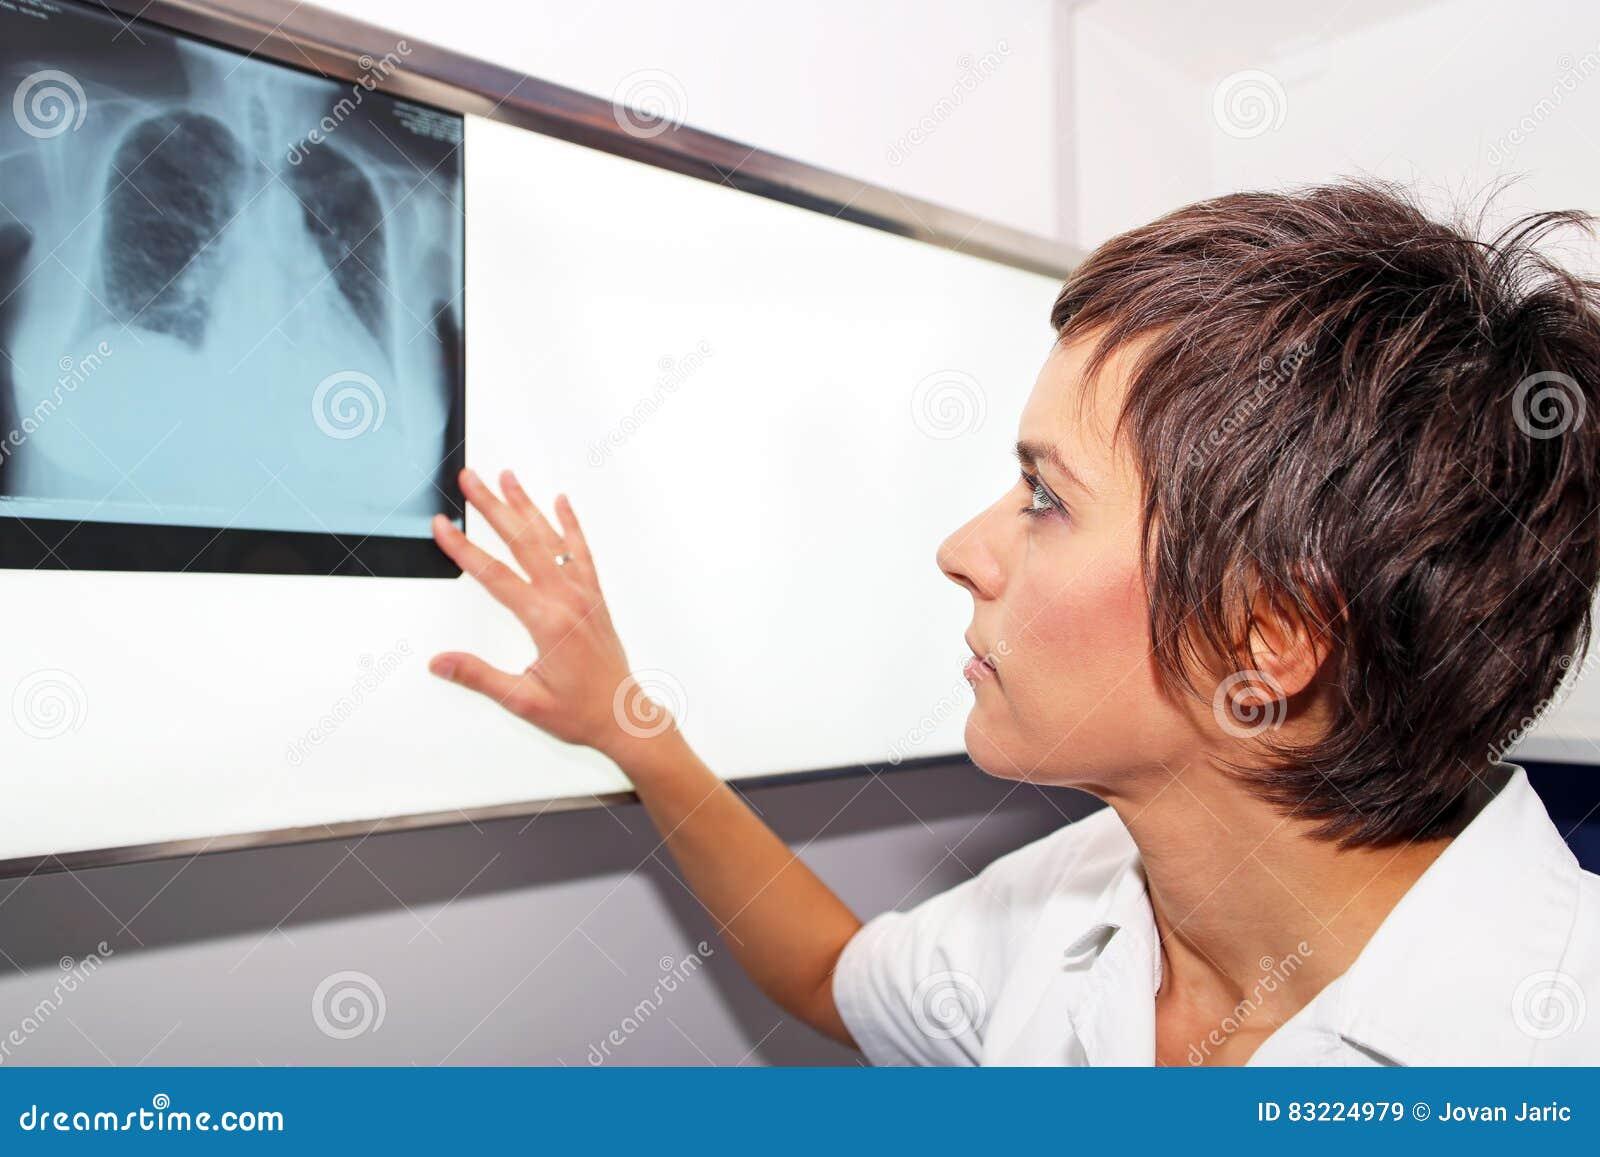 förkalkning i lungan